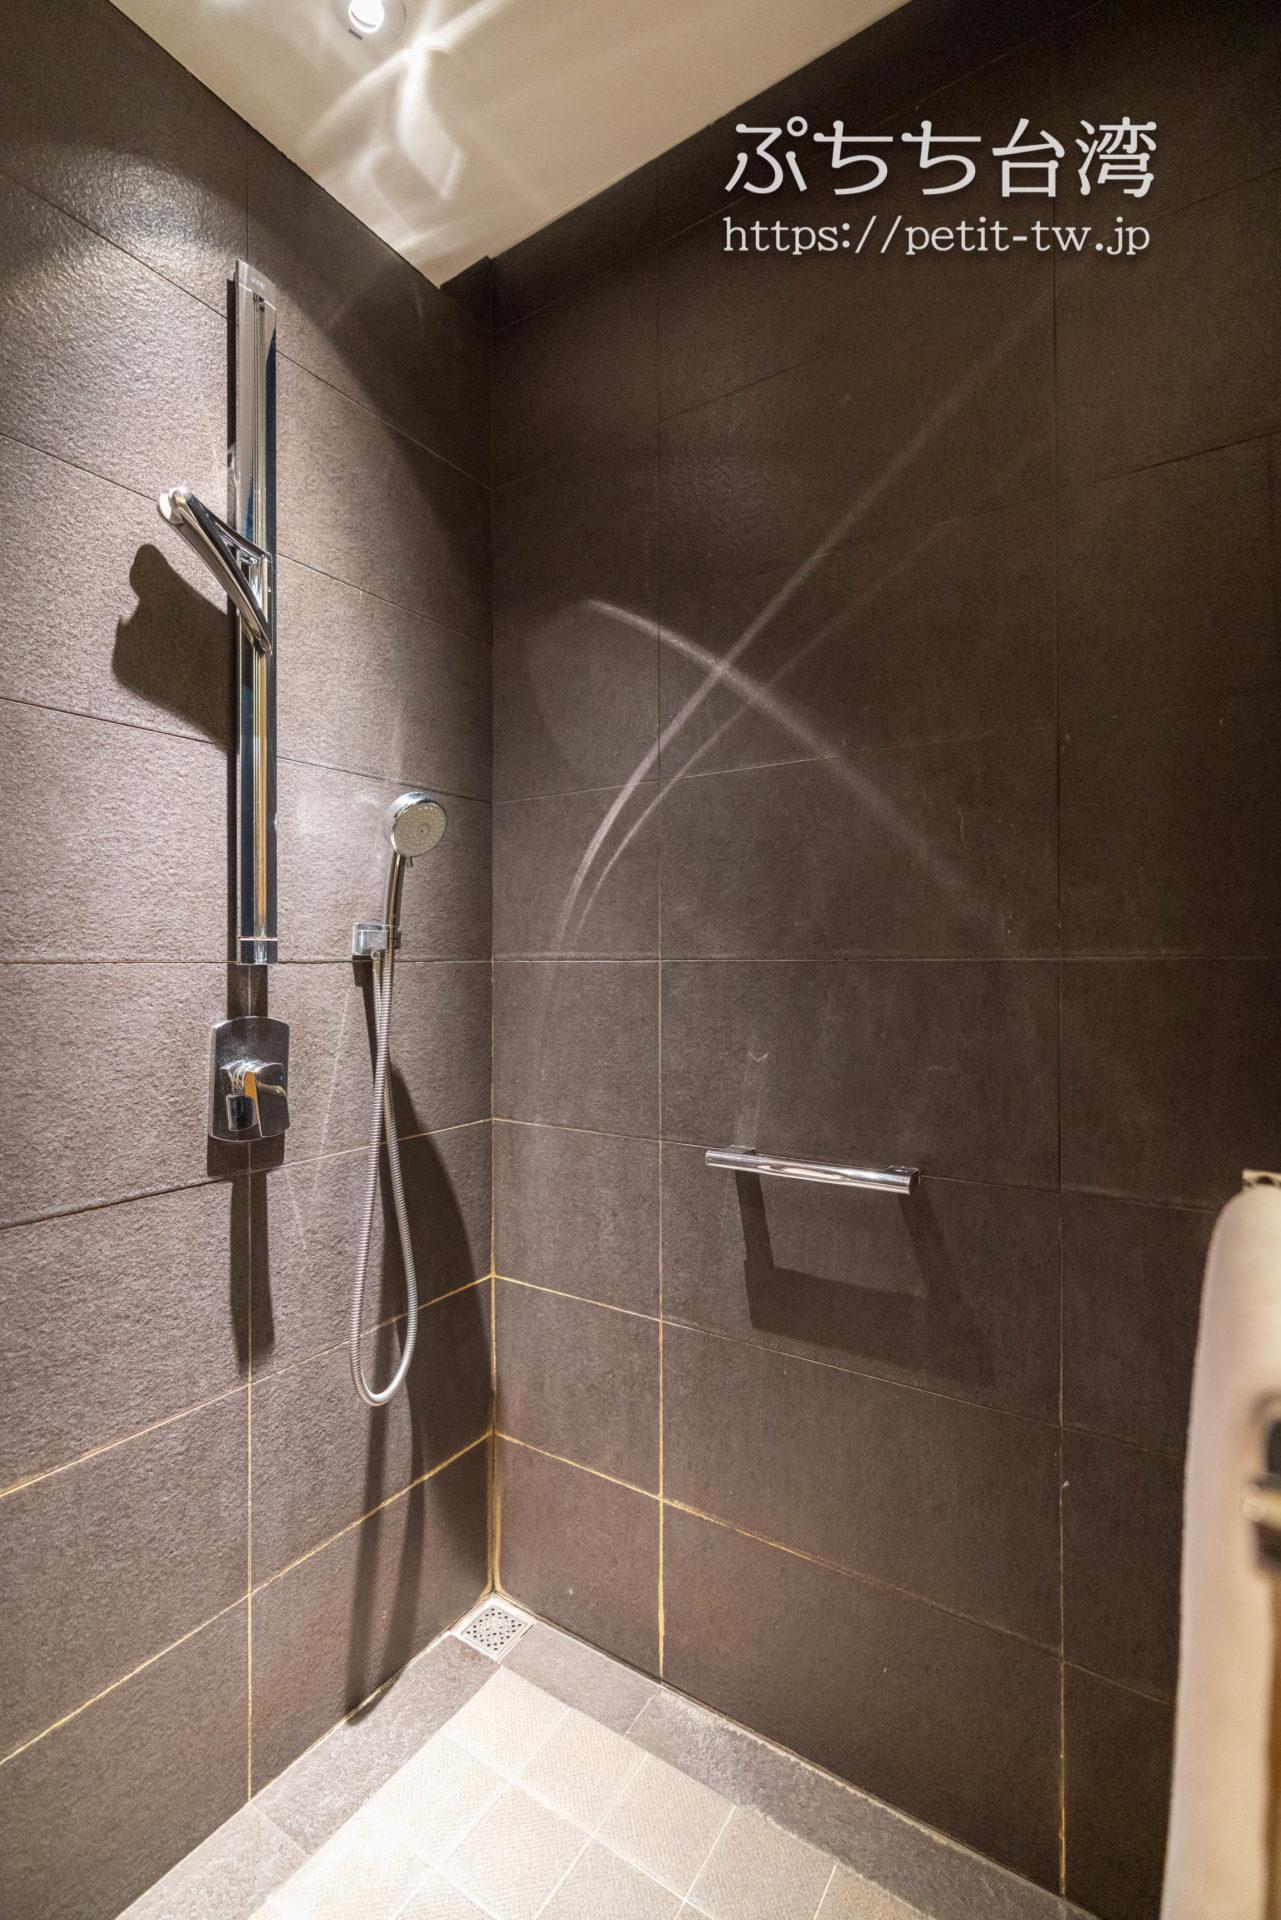 ホテル ドゥア高雄 バスルーム